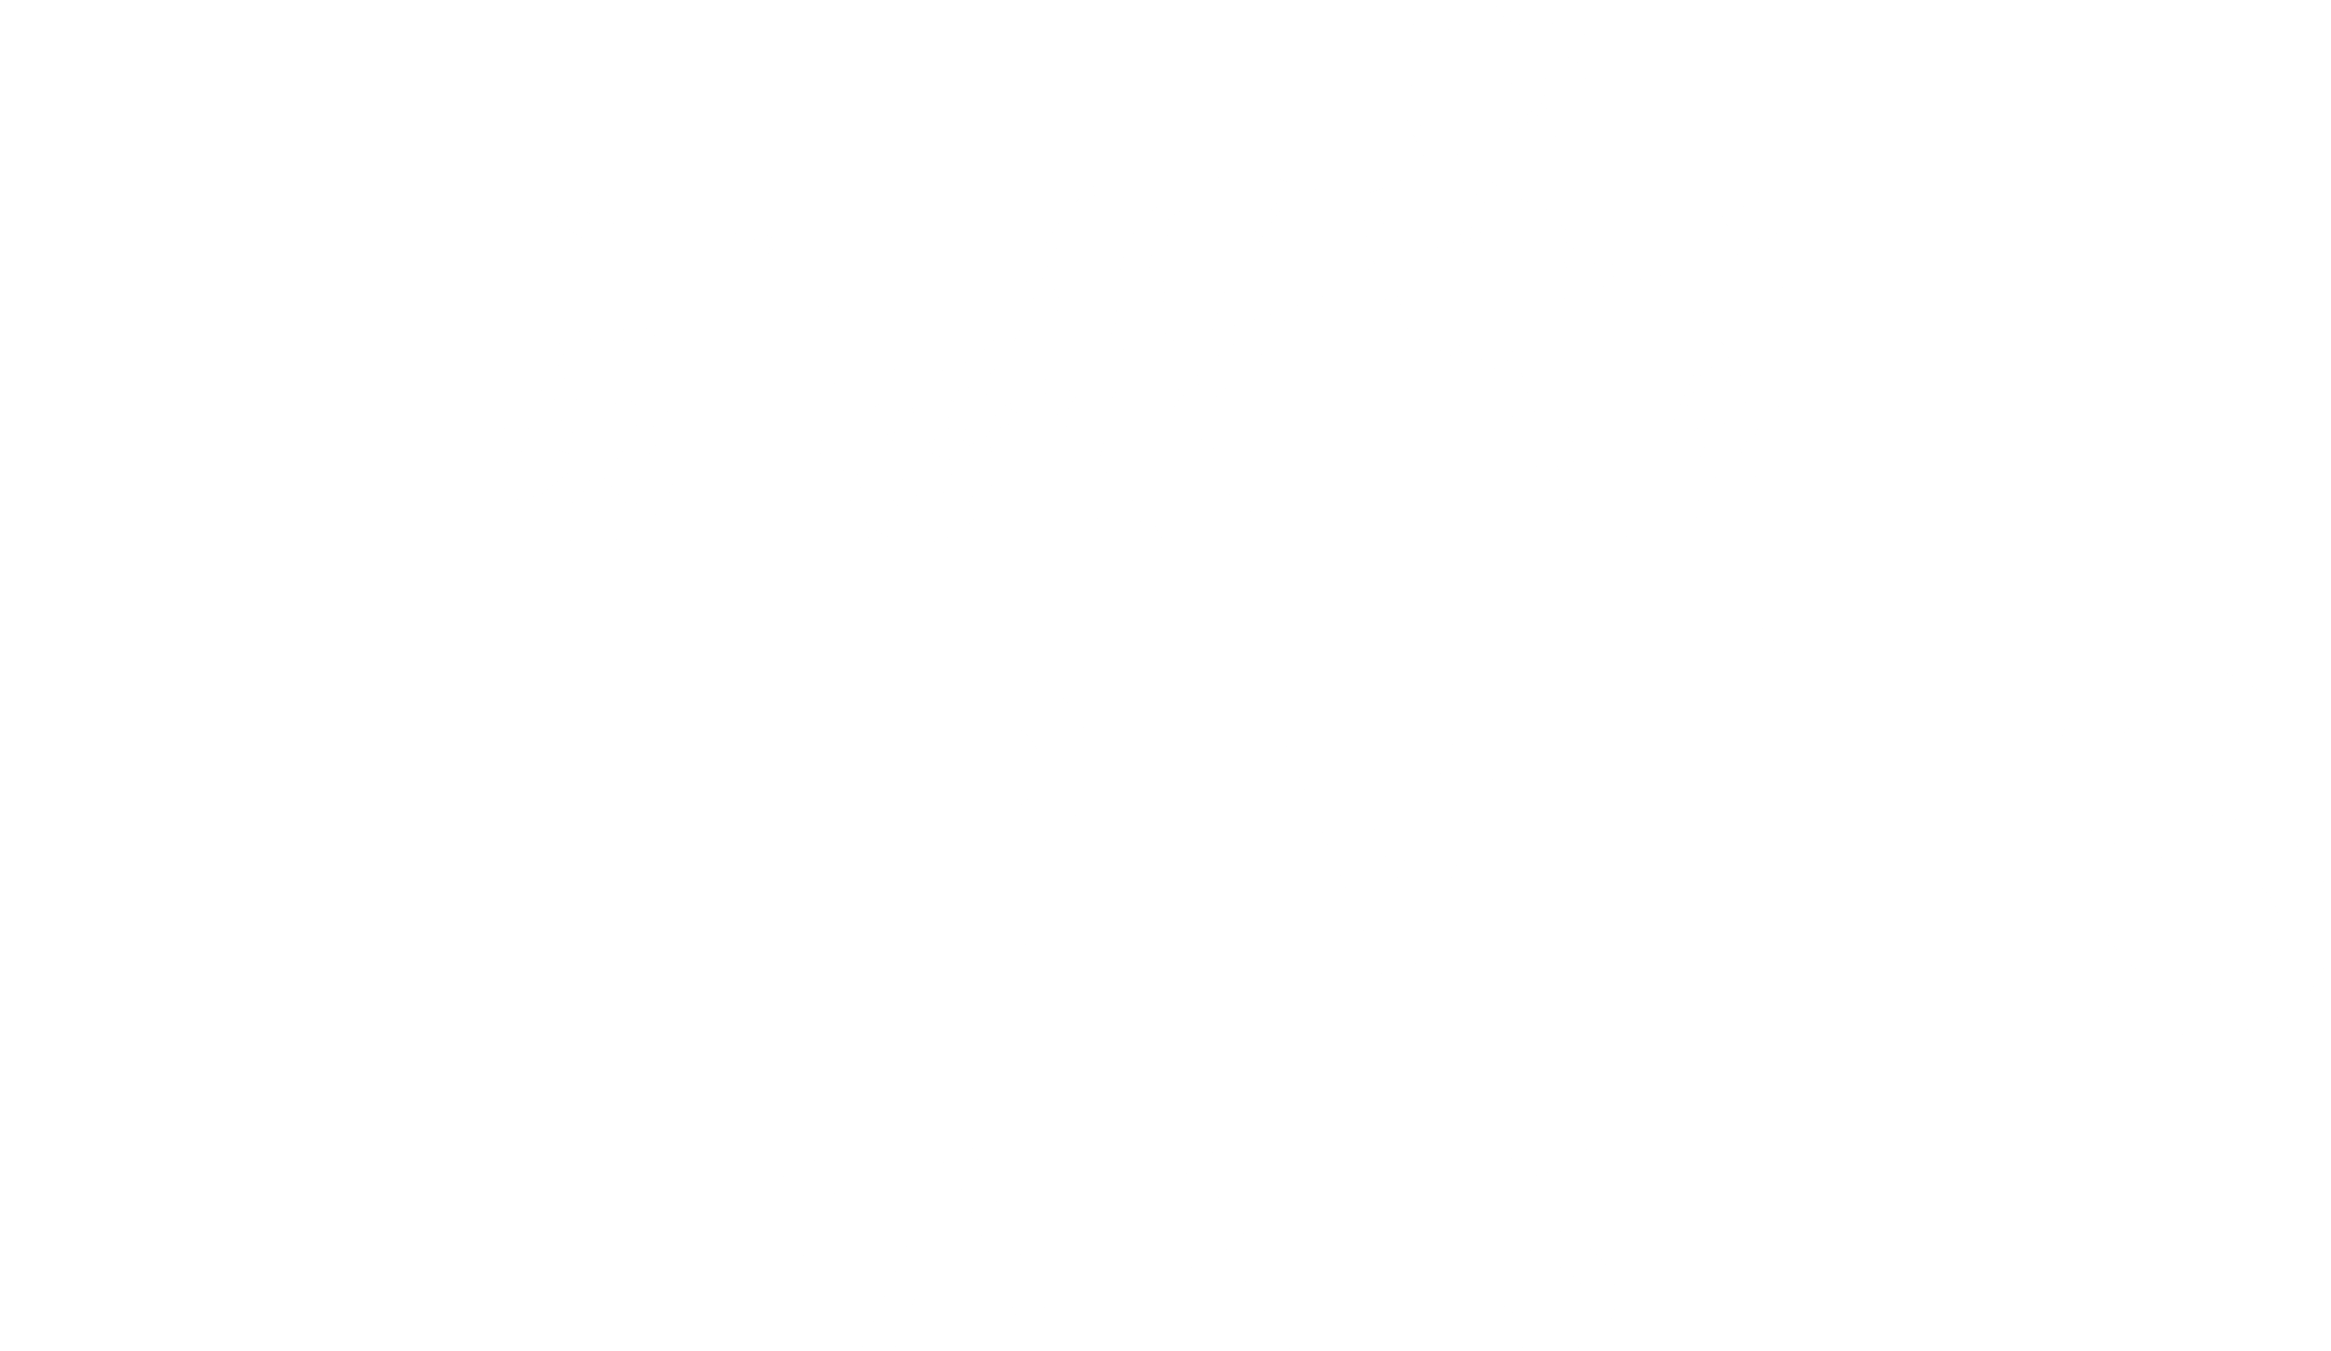 hermes logo white